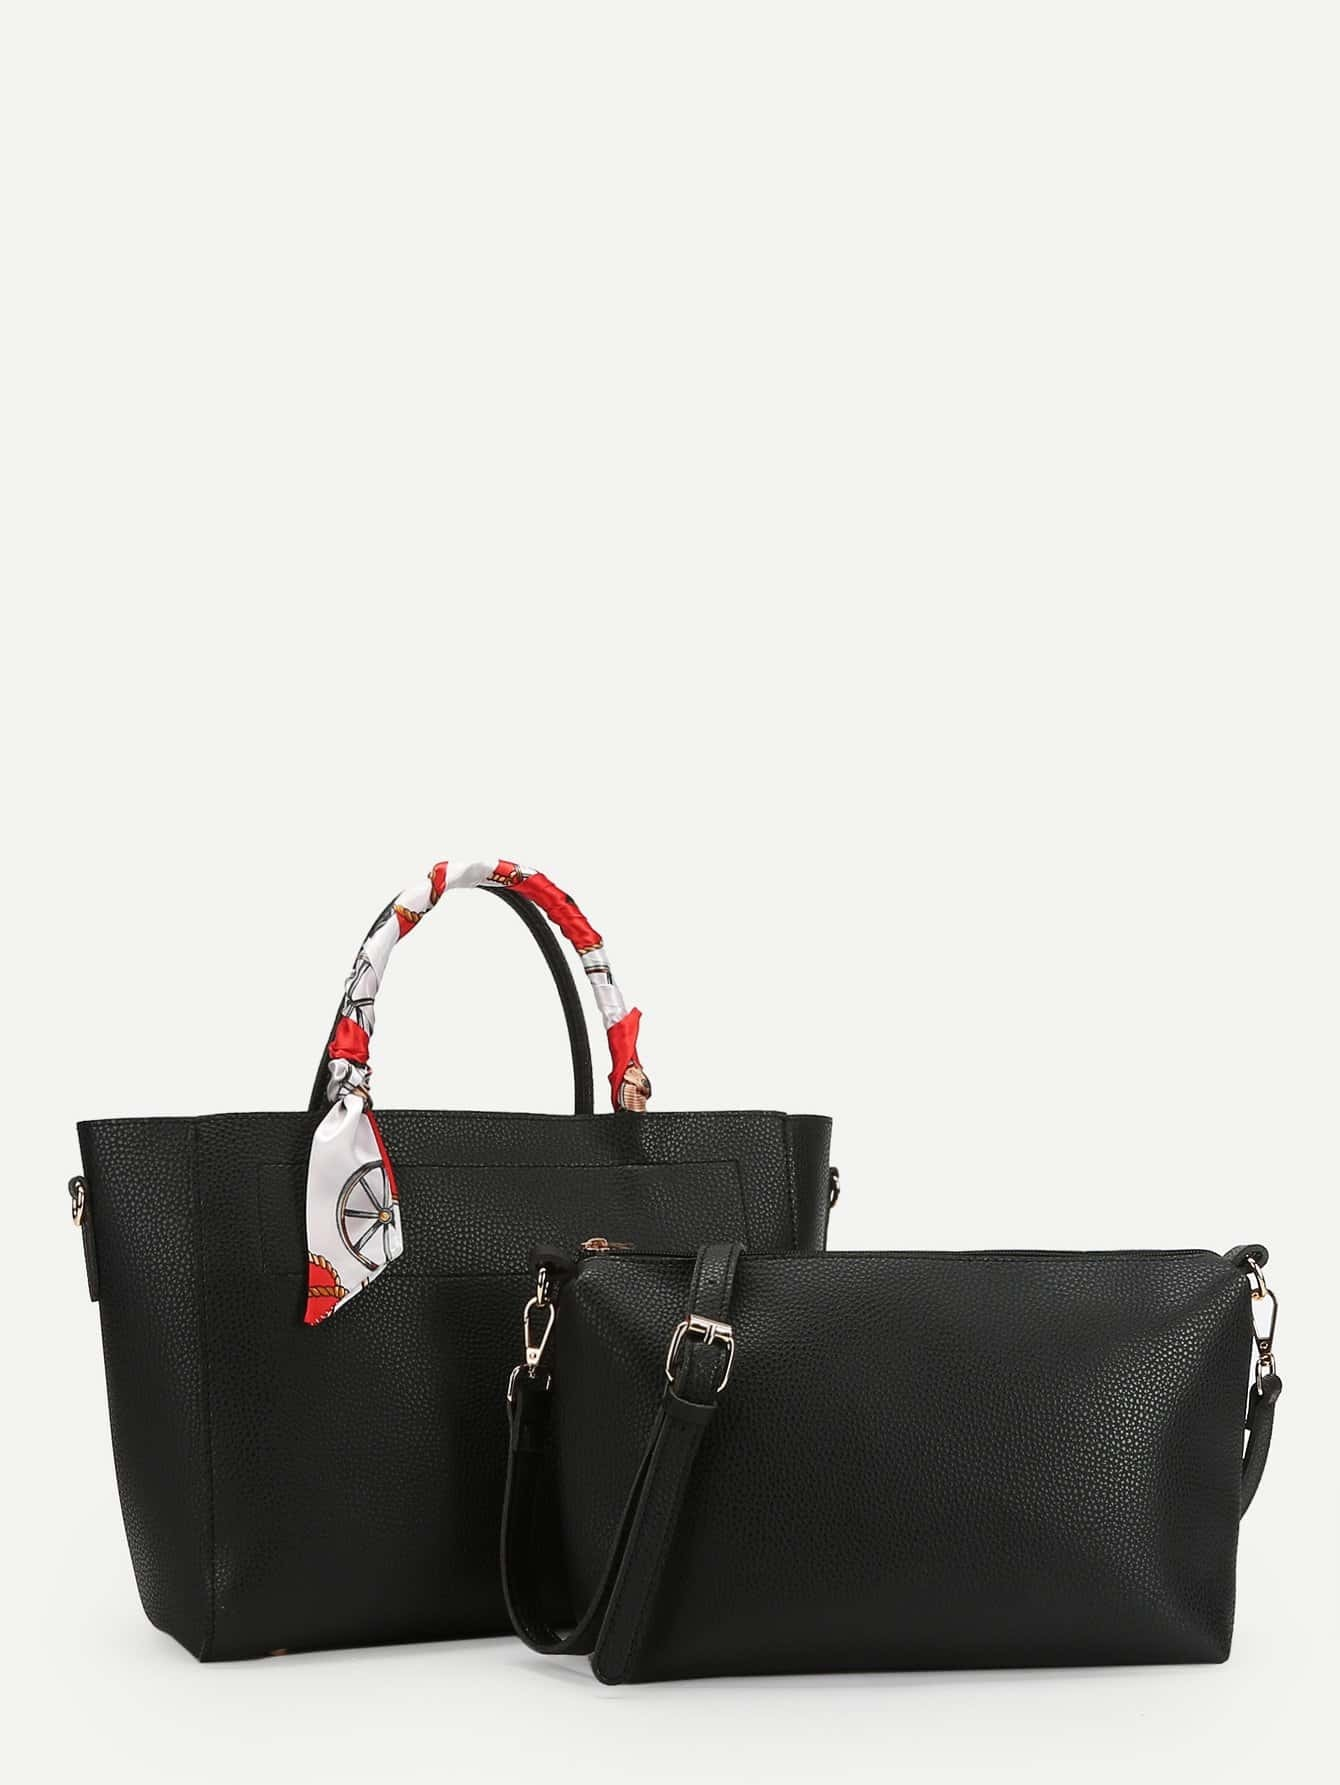 Купить Сумка с сумкой и наплечной сумкой Twilly Decorated, null, SheIn